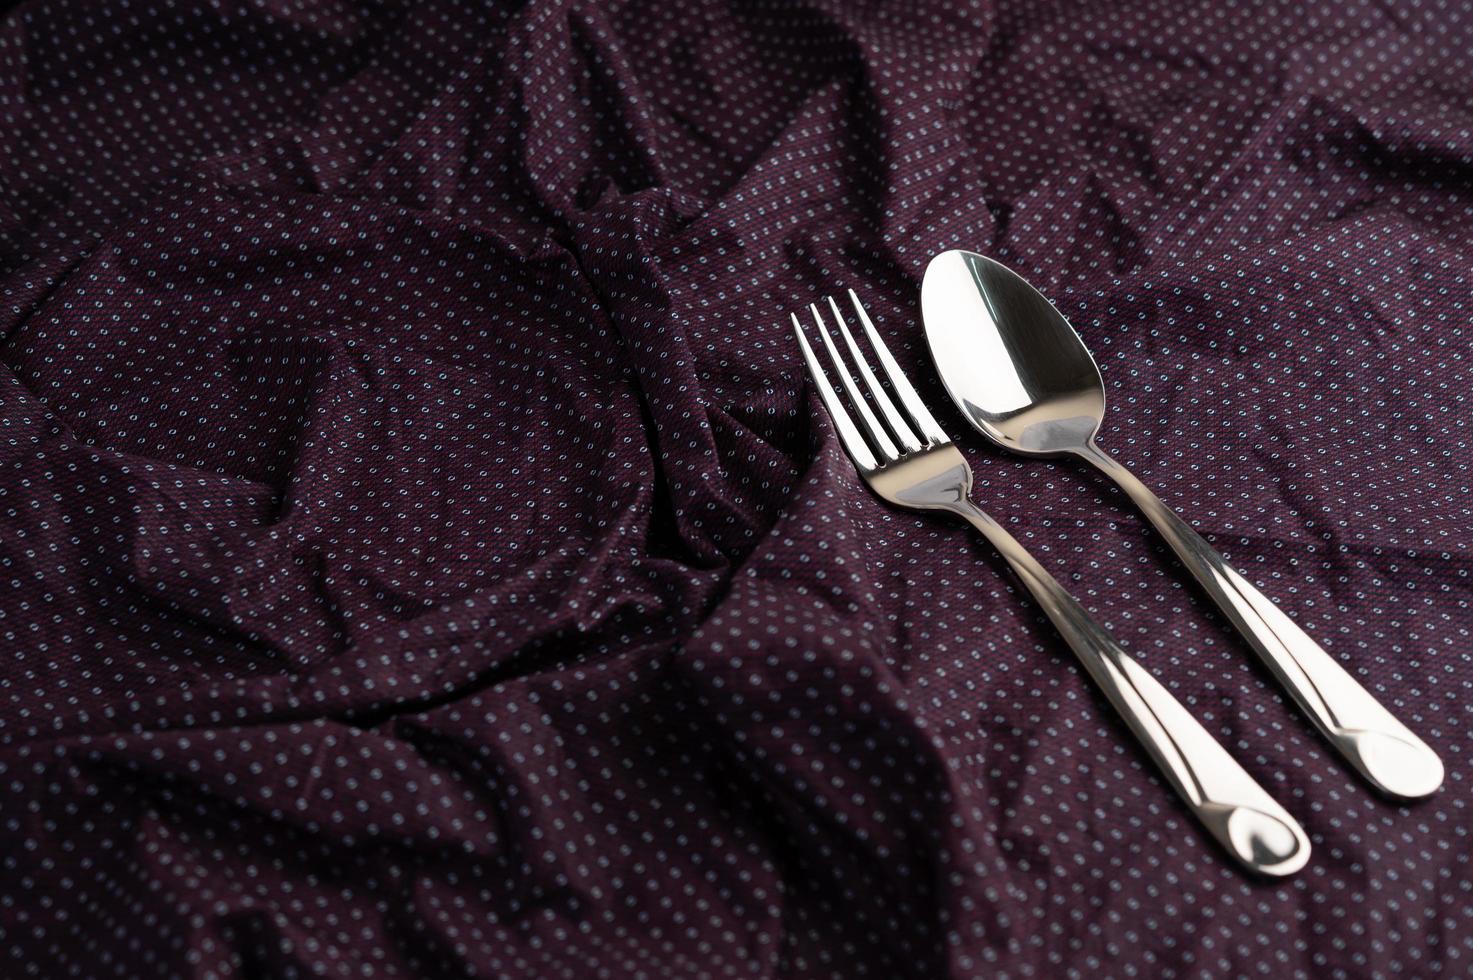 Löffel und Gabel auf ein zerknittertes Tuch gelegt foto